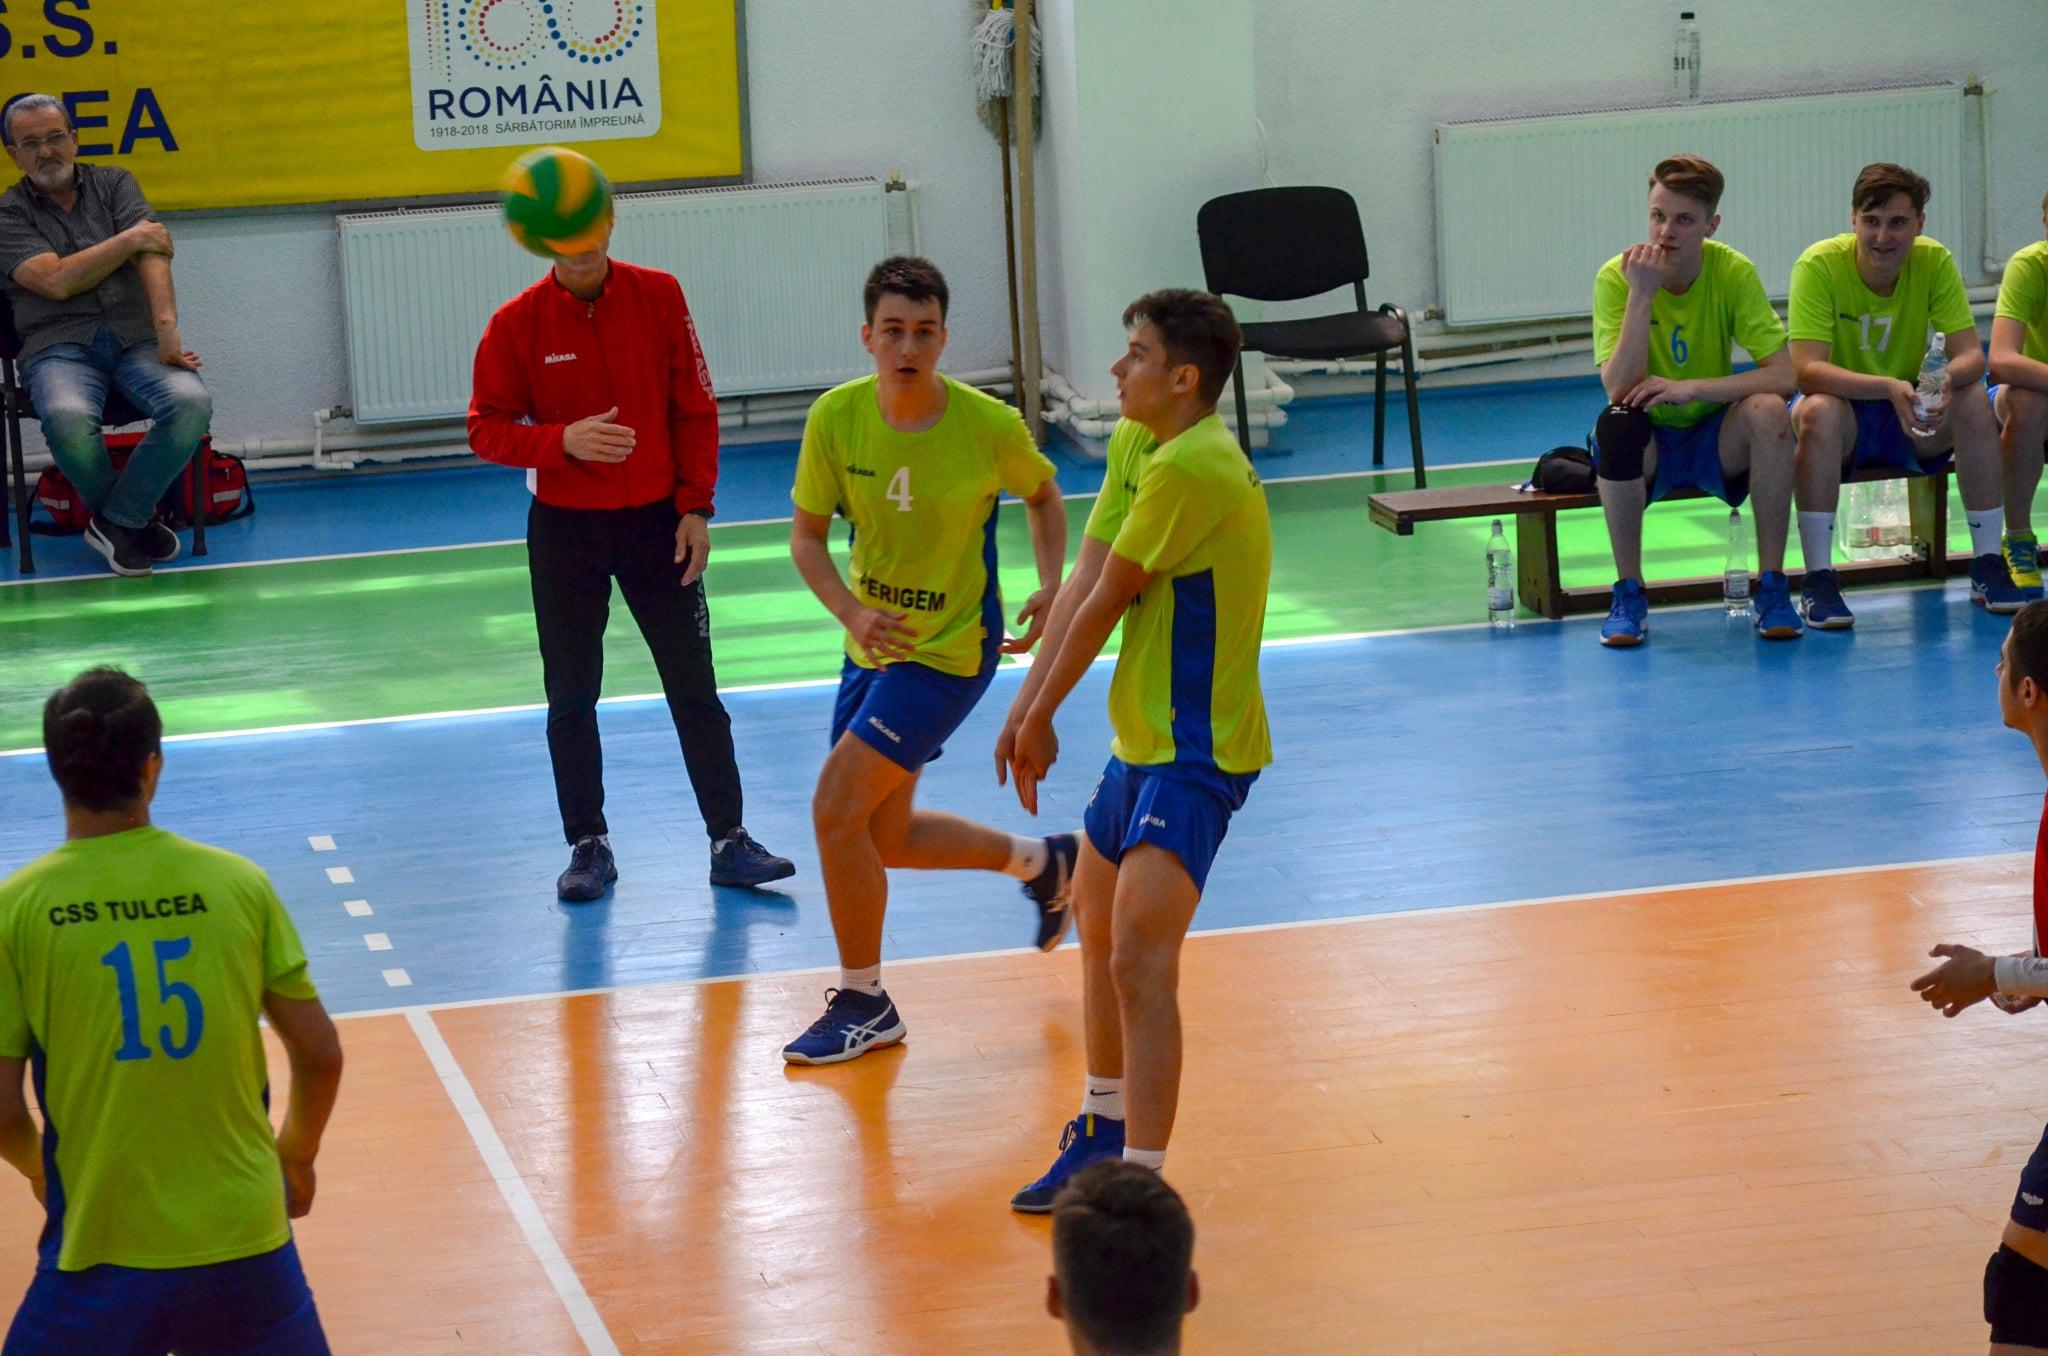 Începe finala Campionatului Național de Volei masculin-cadeți!